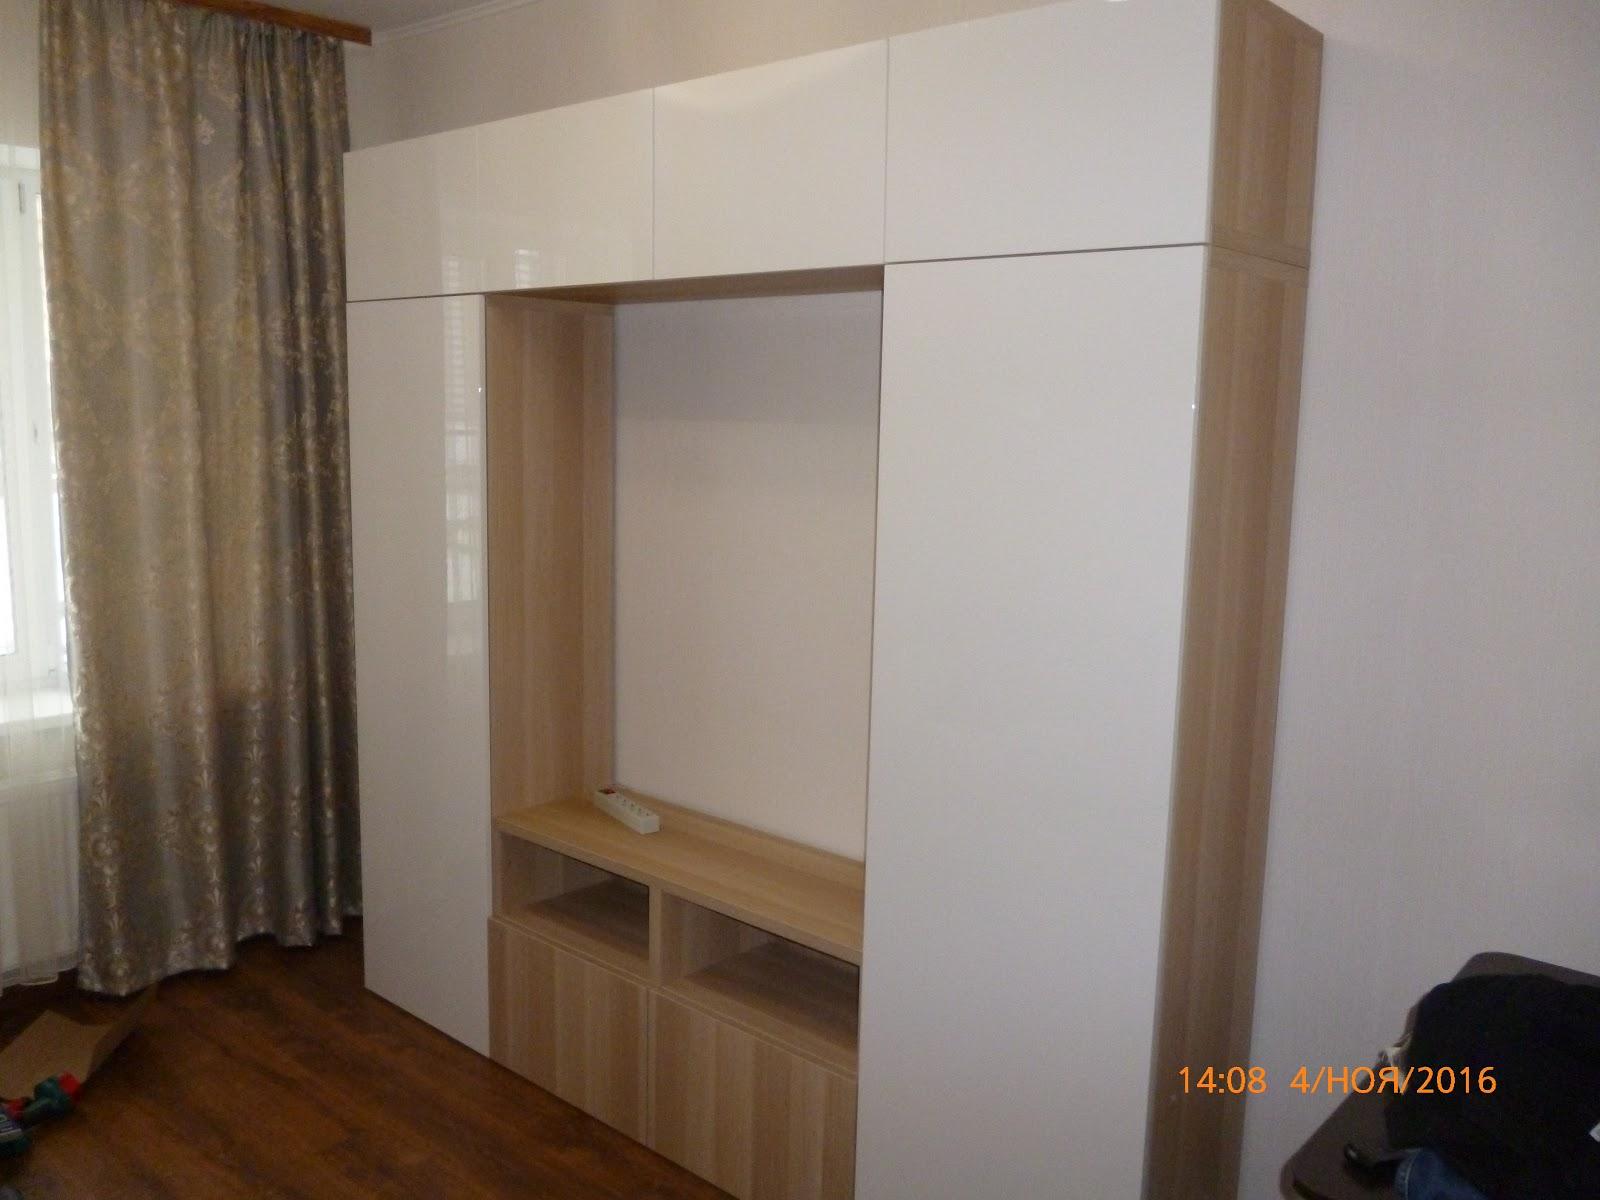 сборка кухни Ikea в москве и области фото